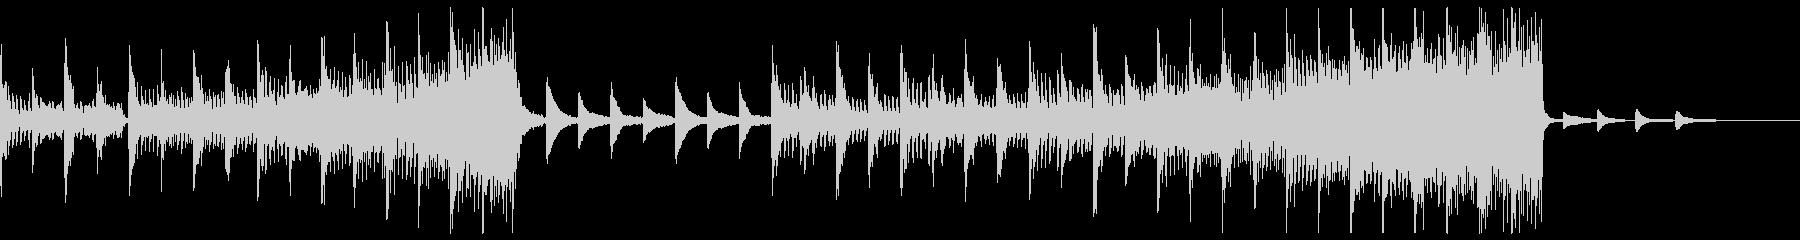 脈動するオーケストラトラックの未再生の波形